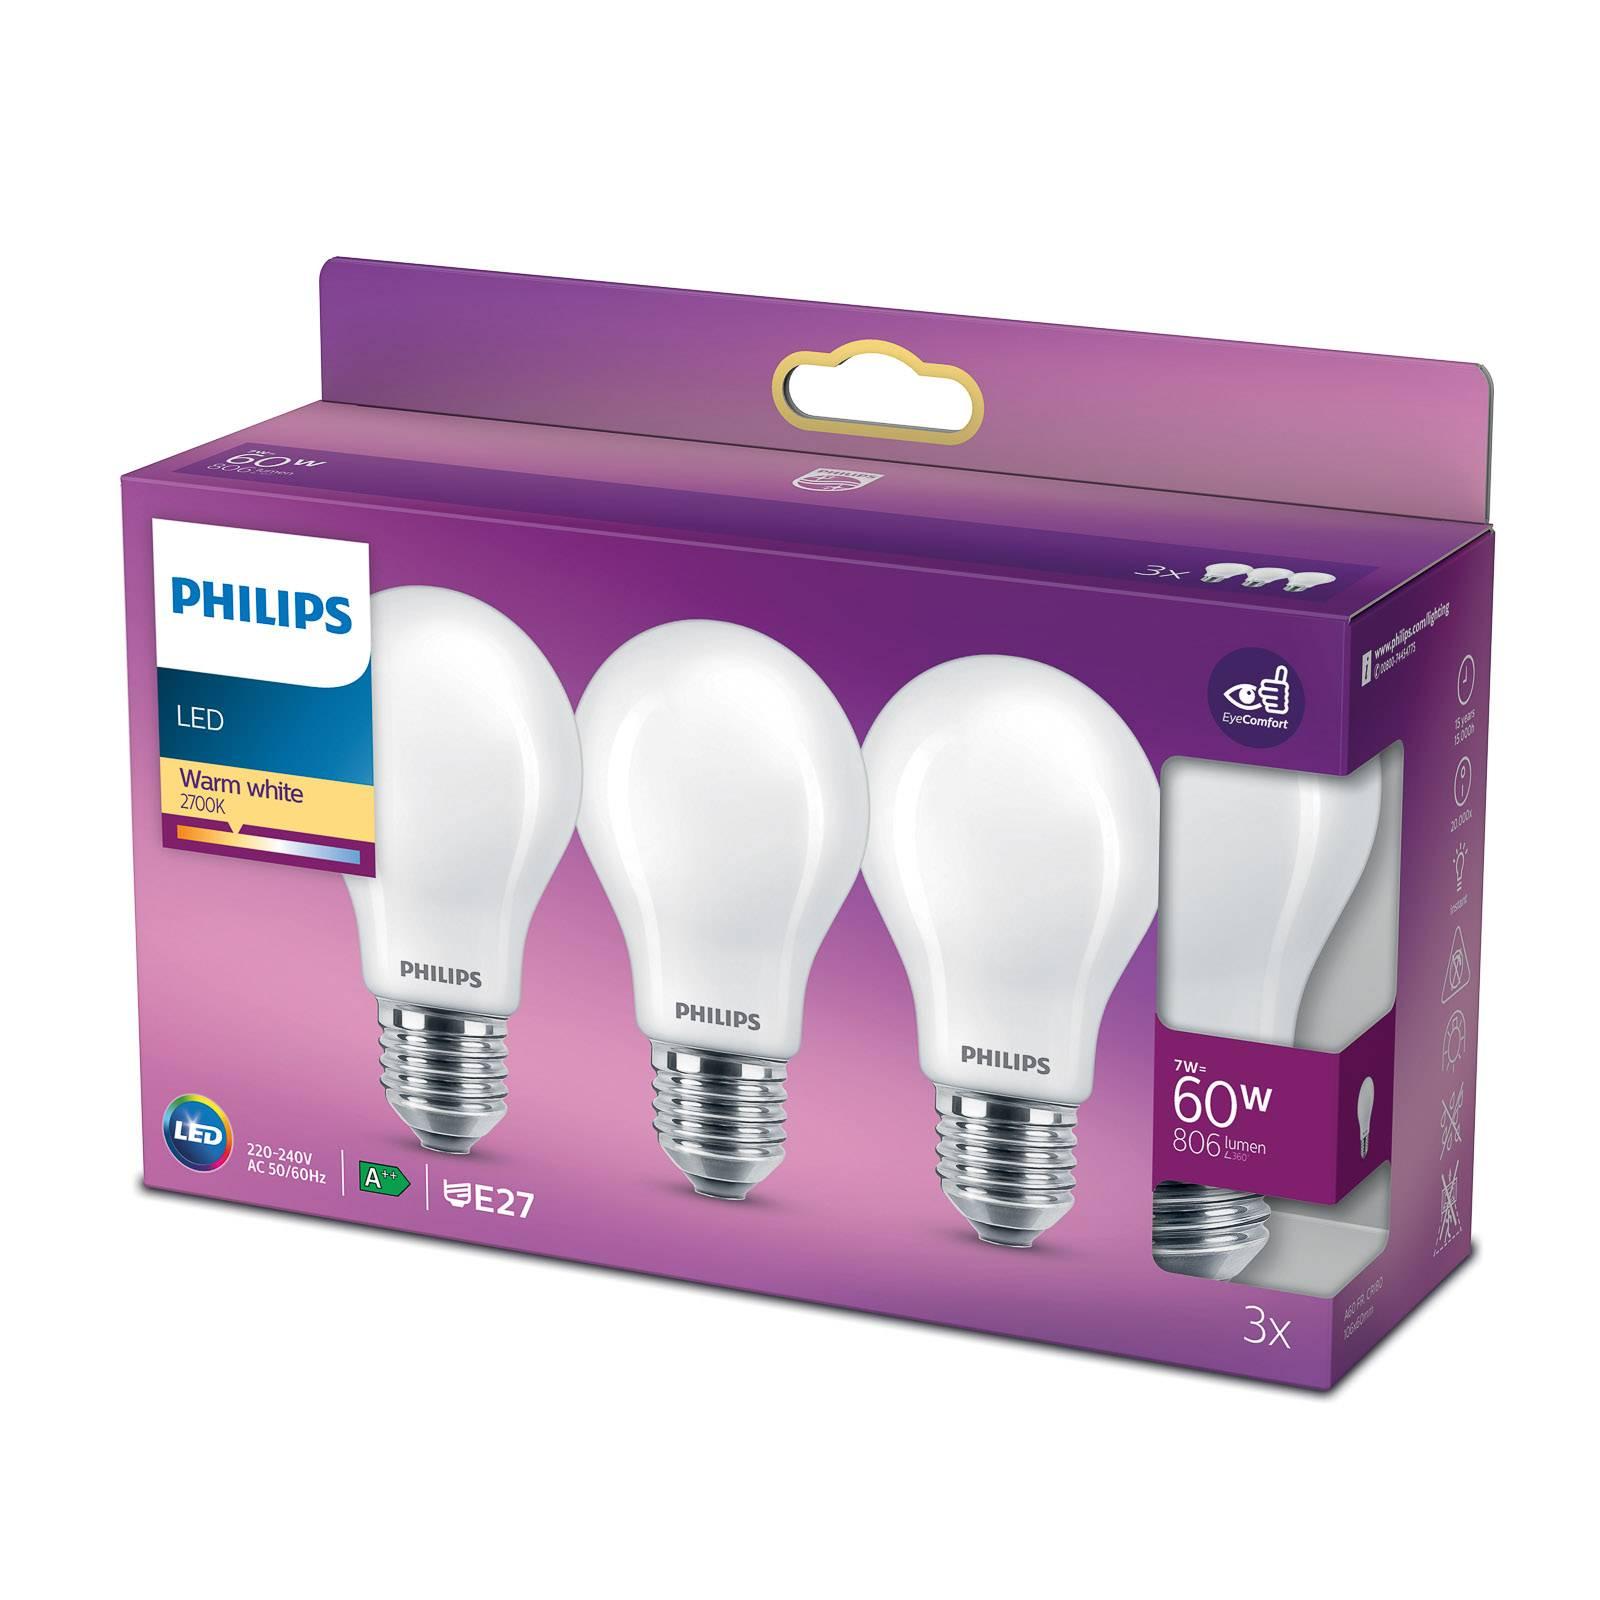 Philips LED Classic E27 A60 7W 827 satinato 3x